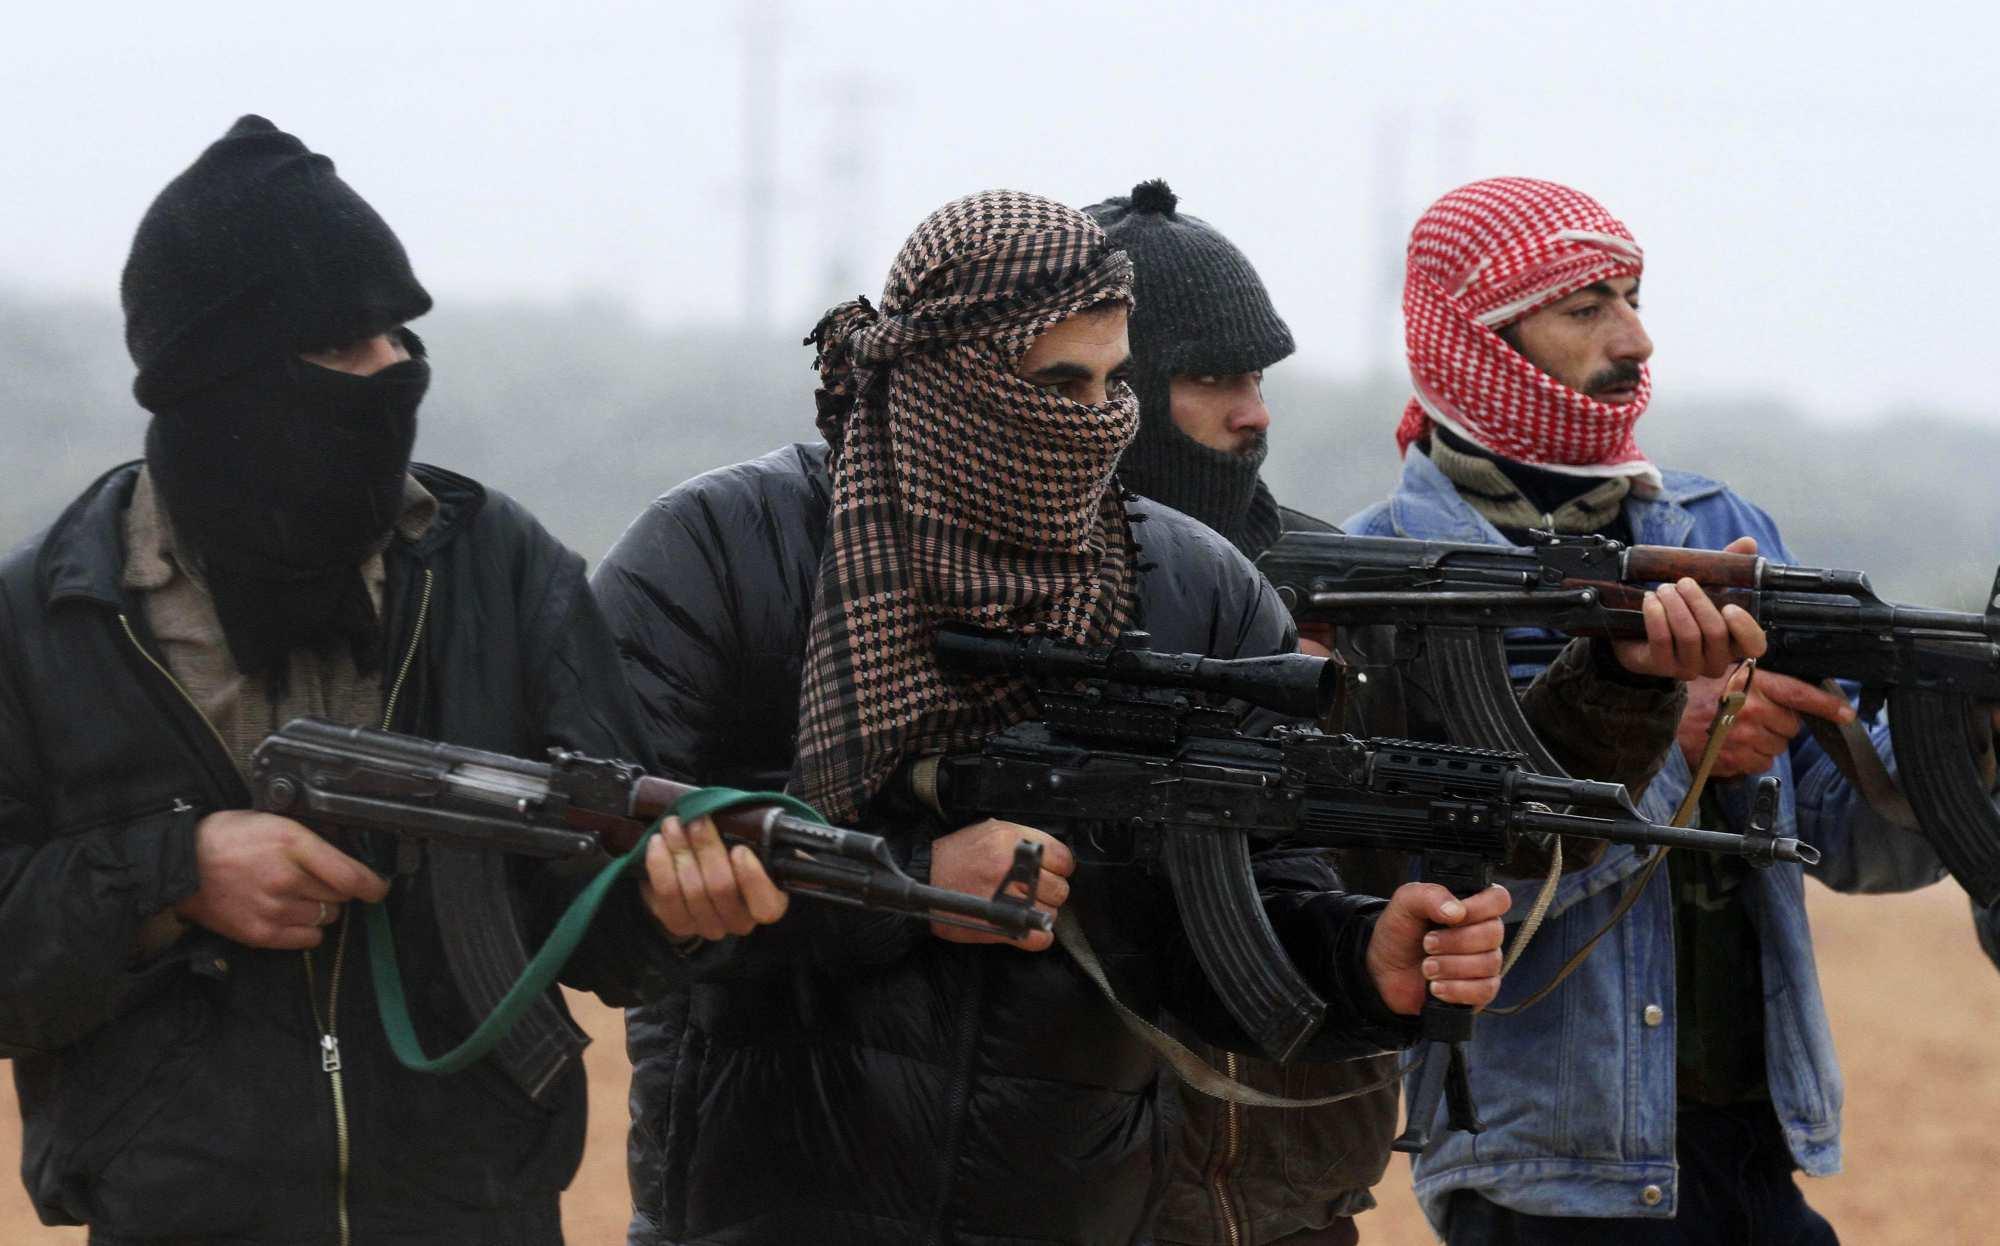 ИГИЛ застало врасплох турецких военных и боевиков,выбив ихизг. Аль-Баб в Алеппо    Русская весна